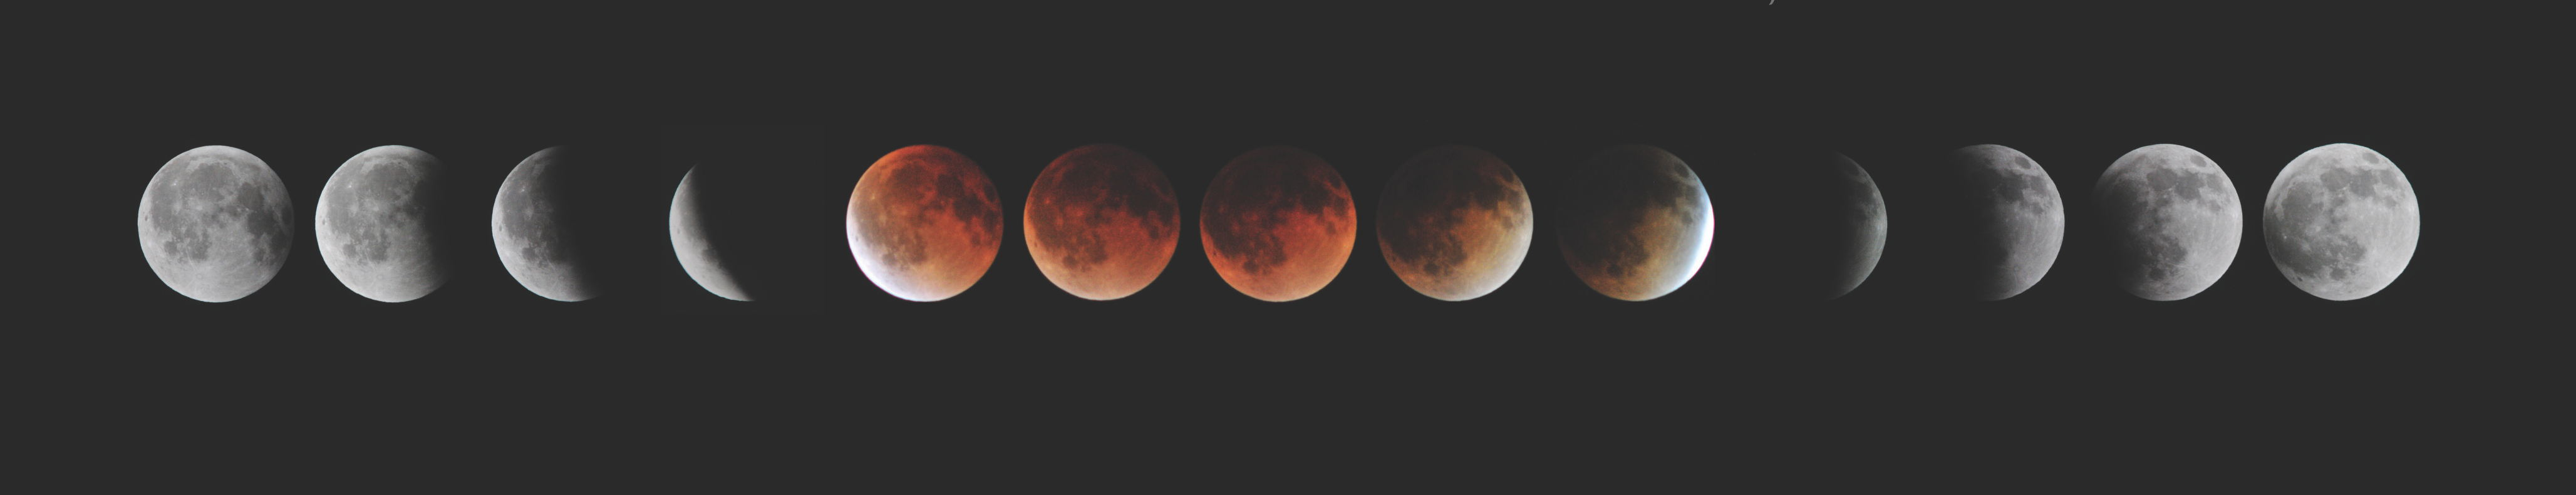 Plutarque discute les différentes explications sur les variations de couleur de la Lune lors des éclipses lunaires.